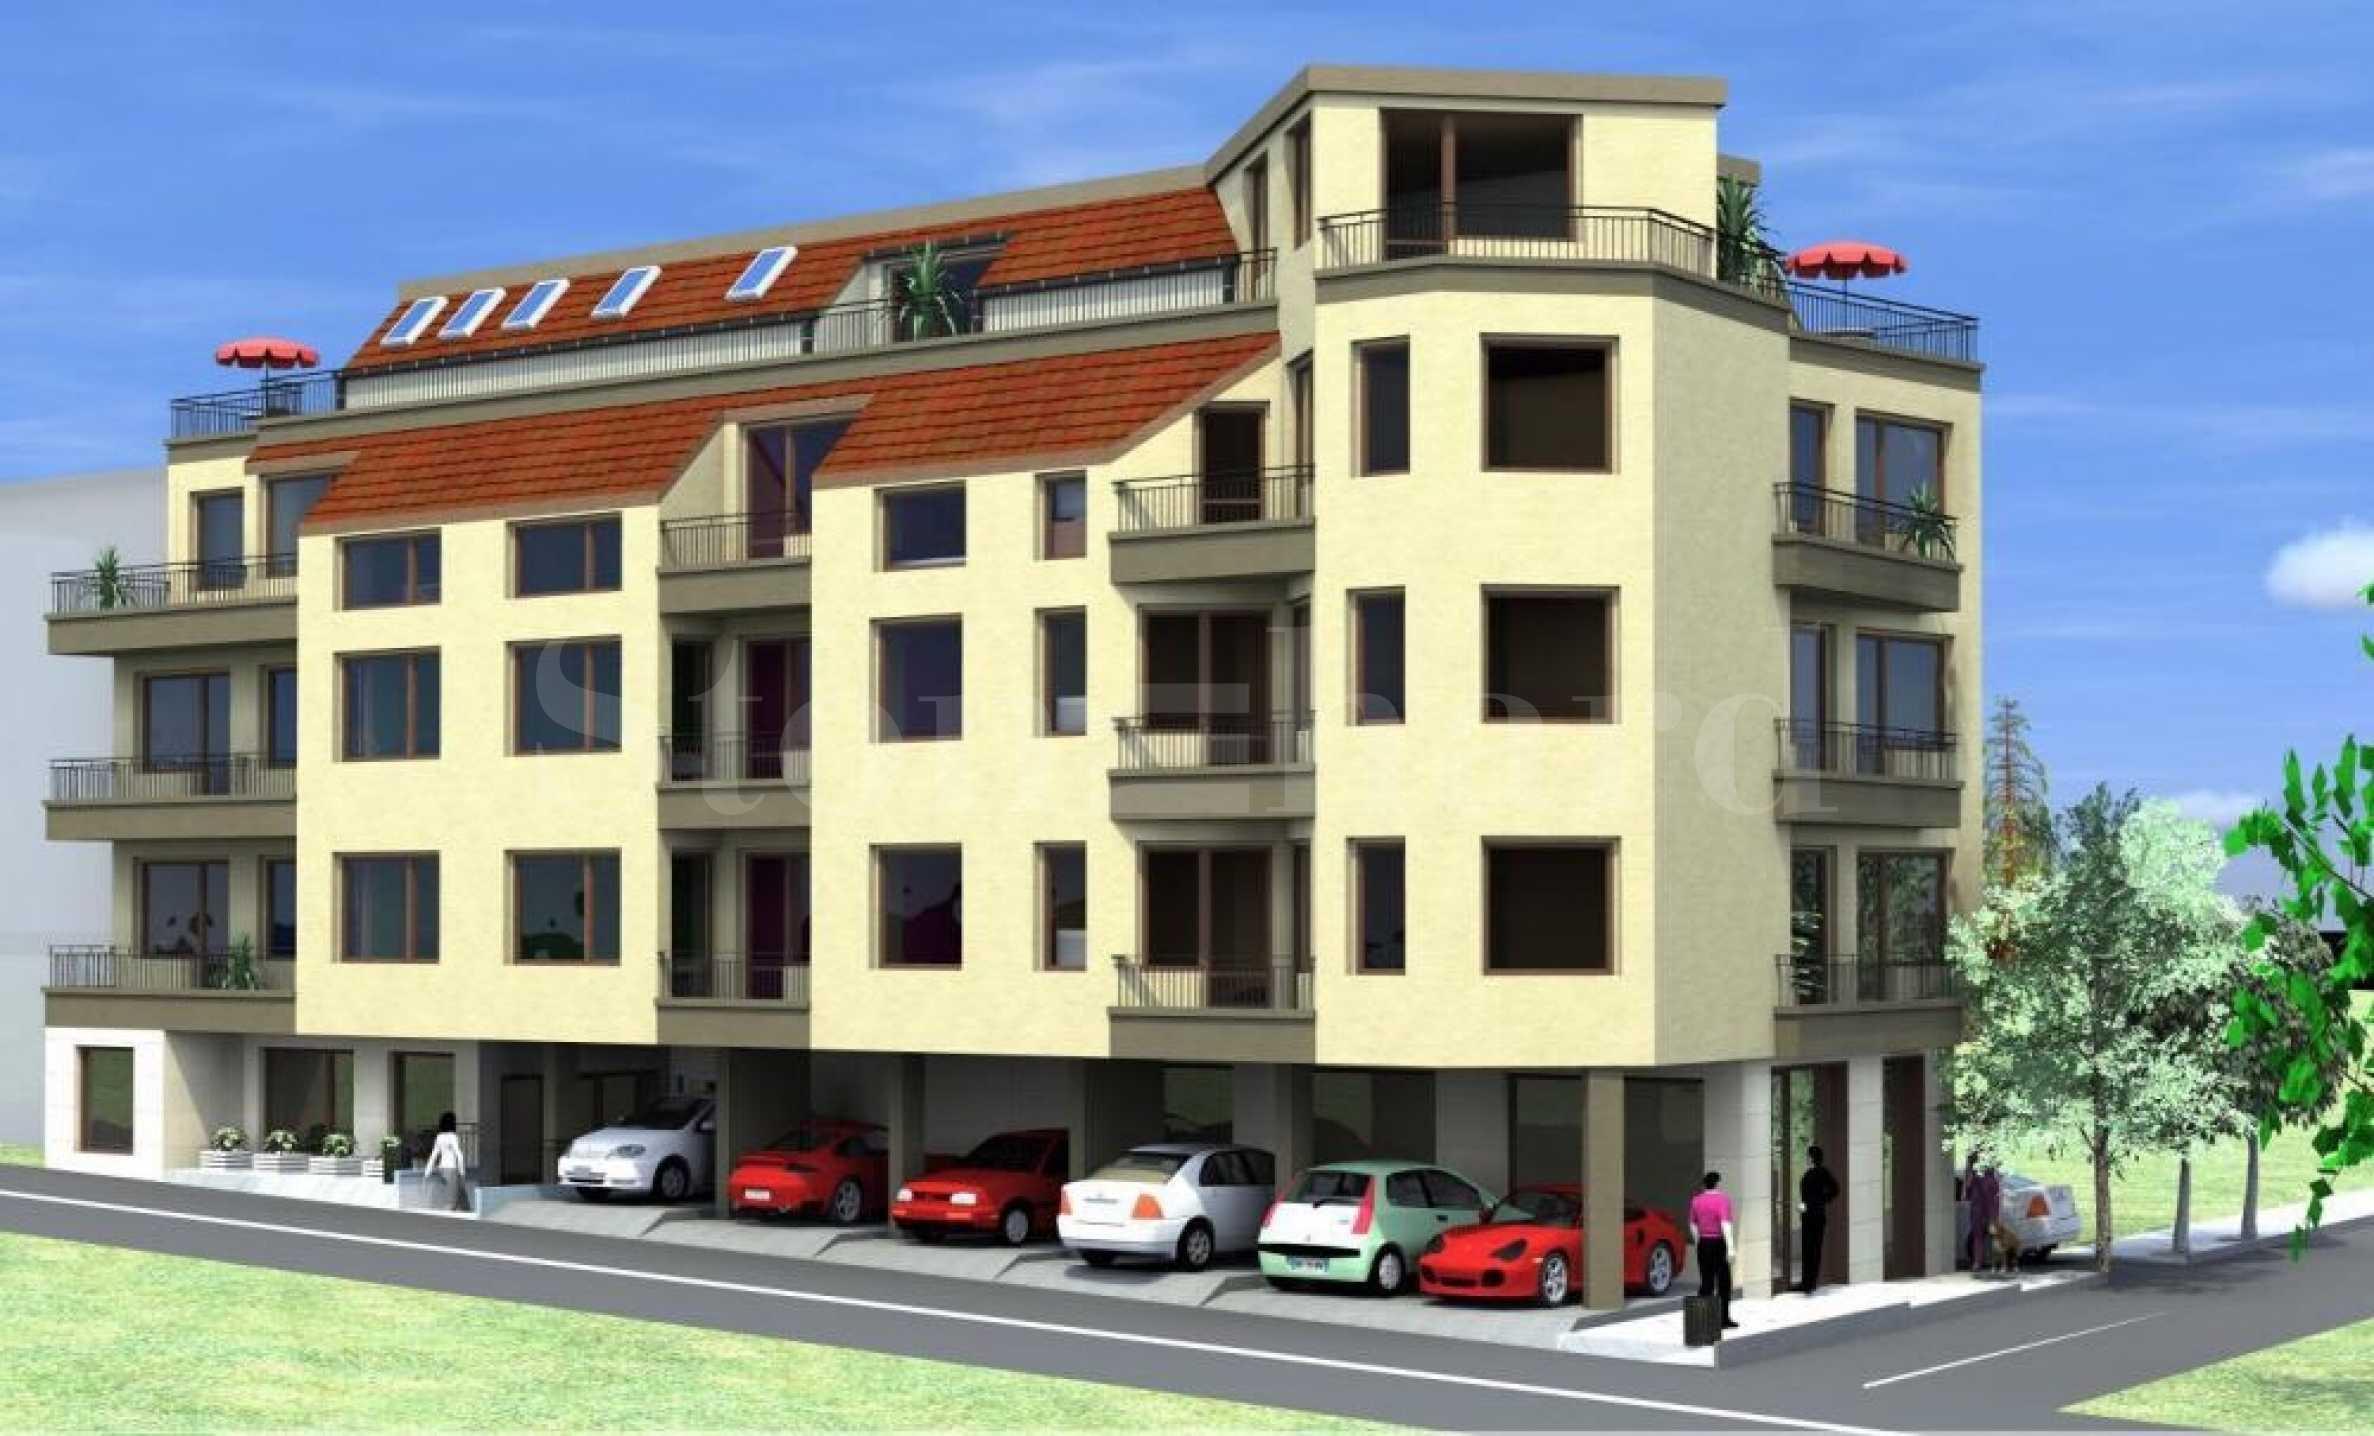 Apartments in new building in Asparuhovo district, Varna (Bulgaria)1 - Stonehard